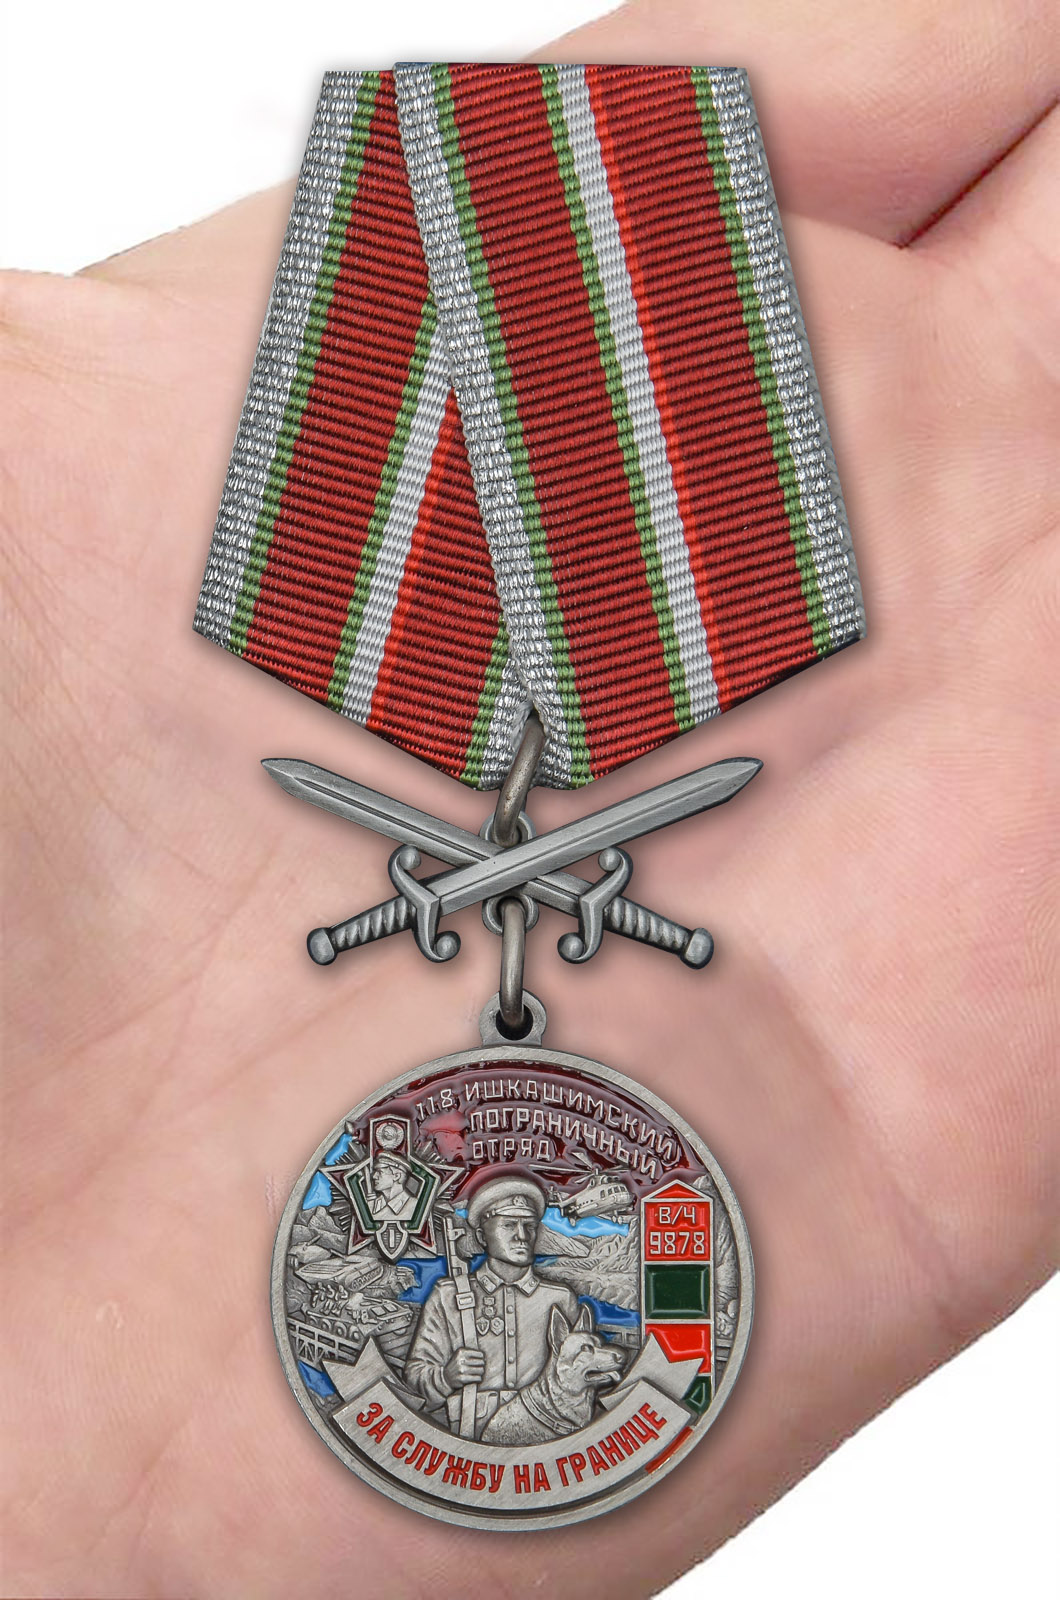 Наградная медаль За службу в Ишкашимском пограничном отряде - вид на ладони